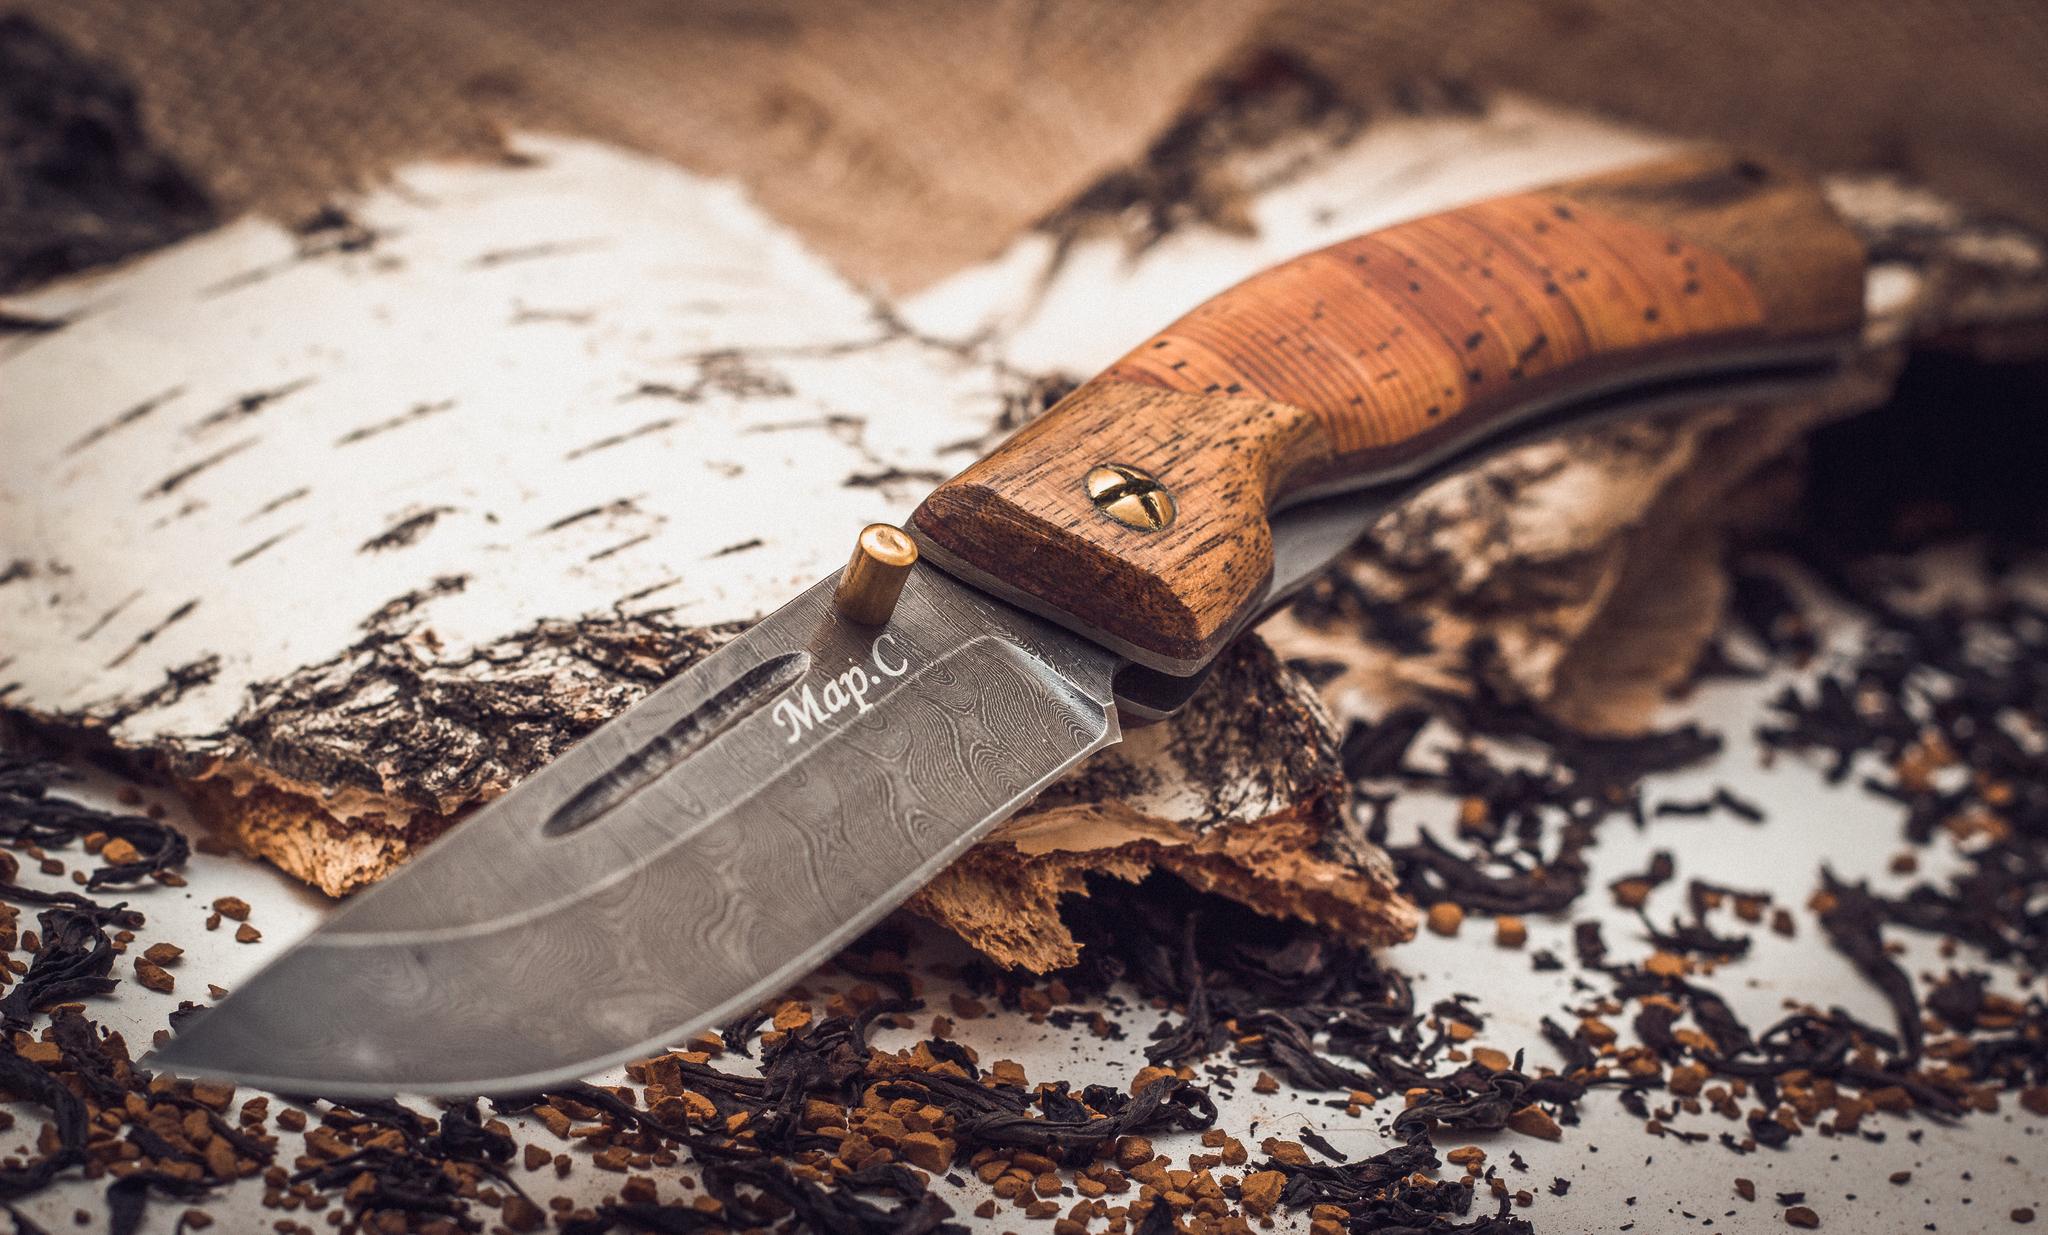 Фото 2 - Складной нож Нижегородец, дамаск, береста от Марычев